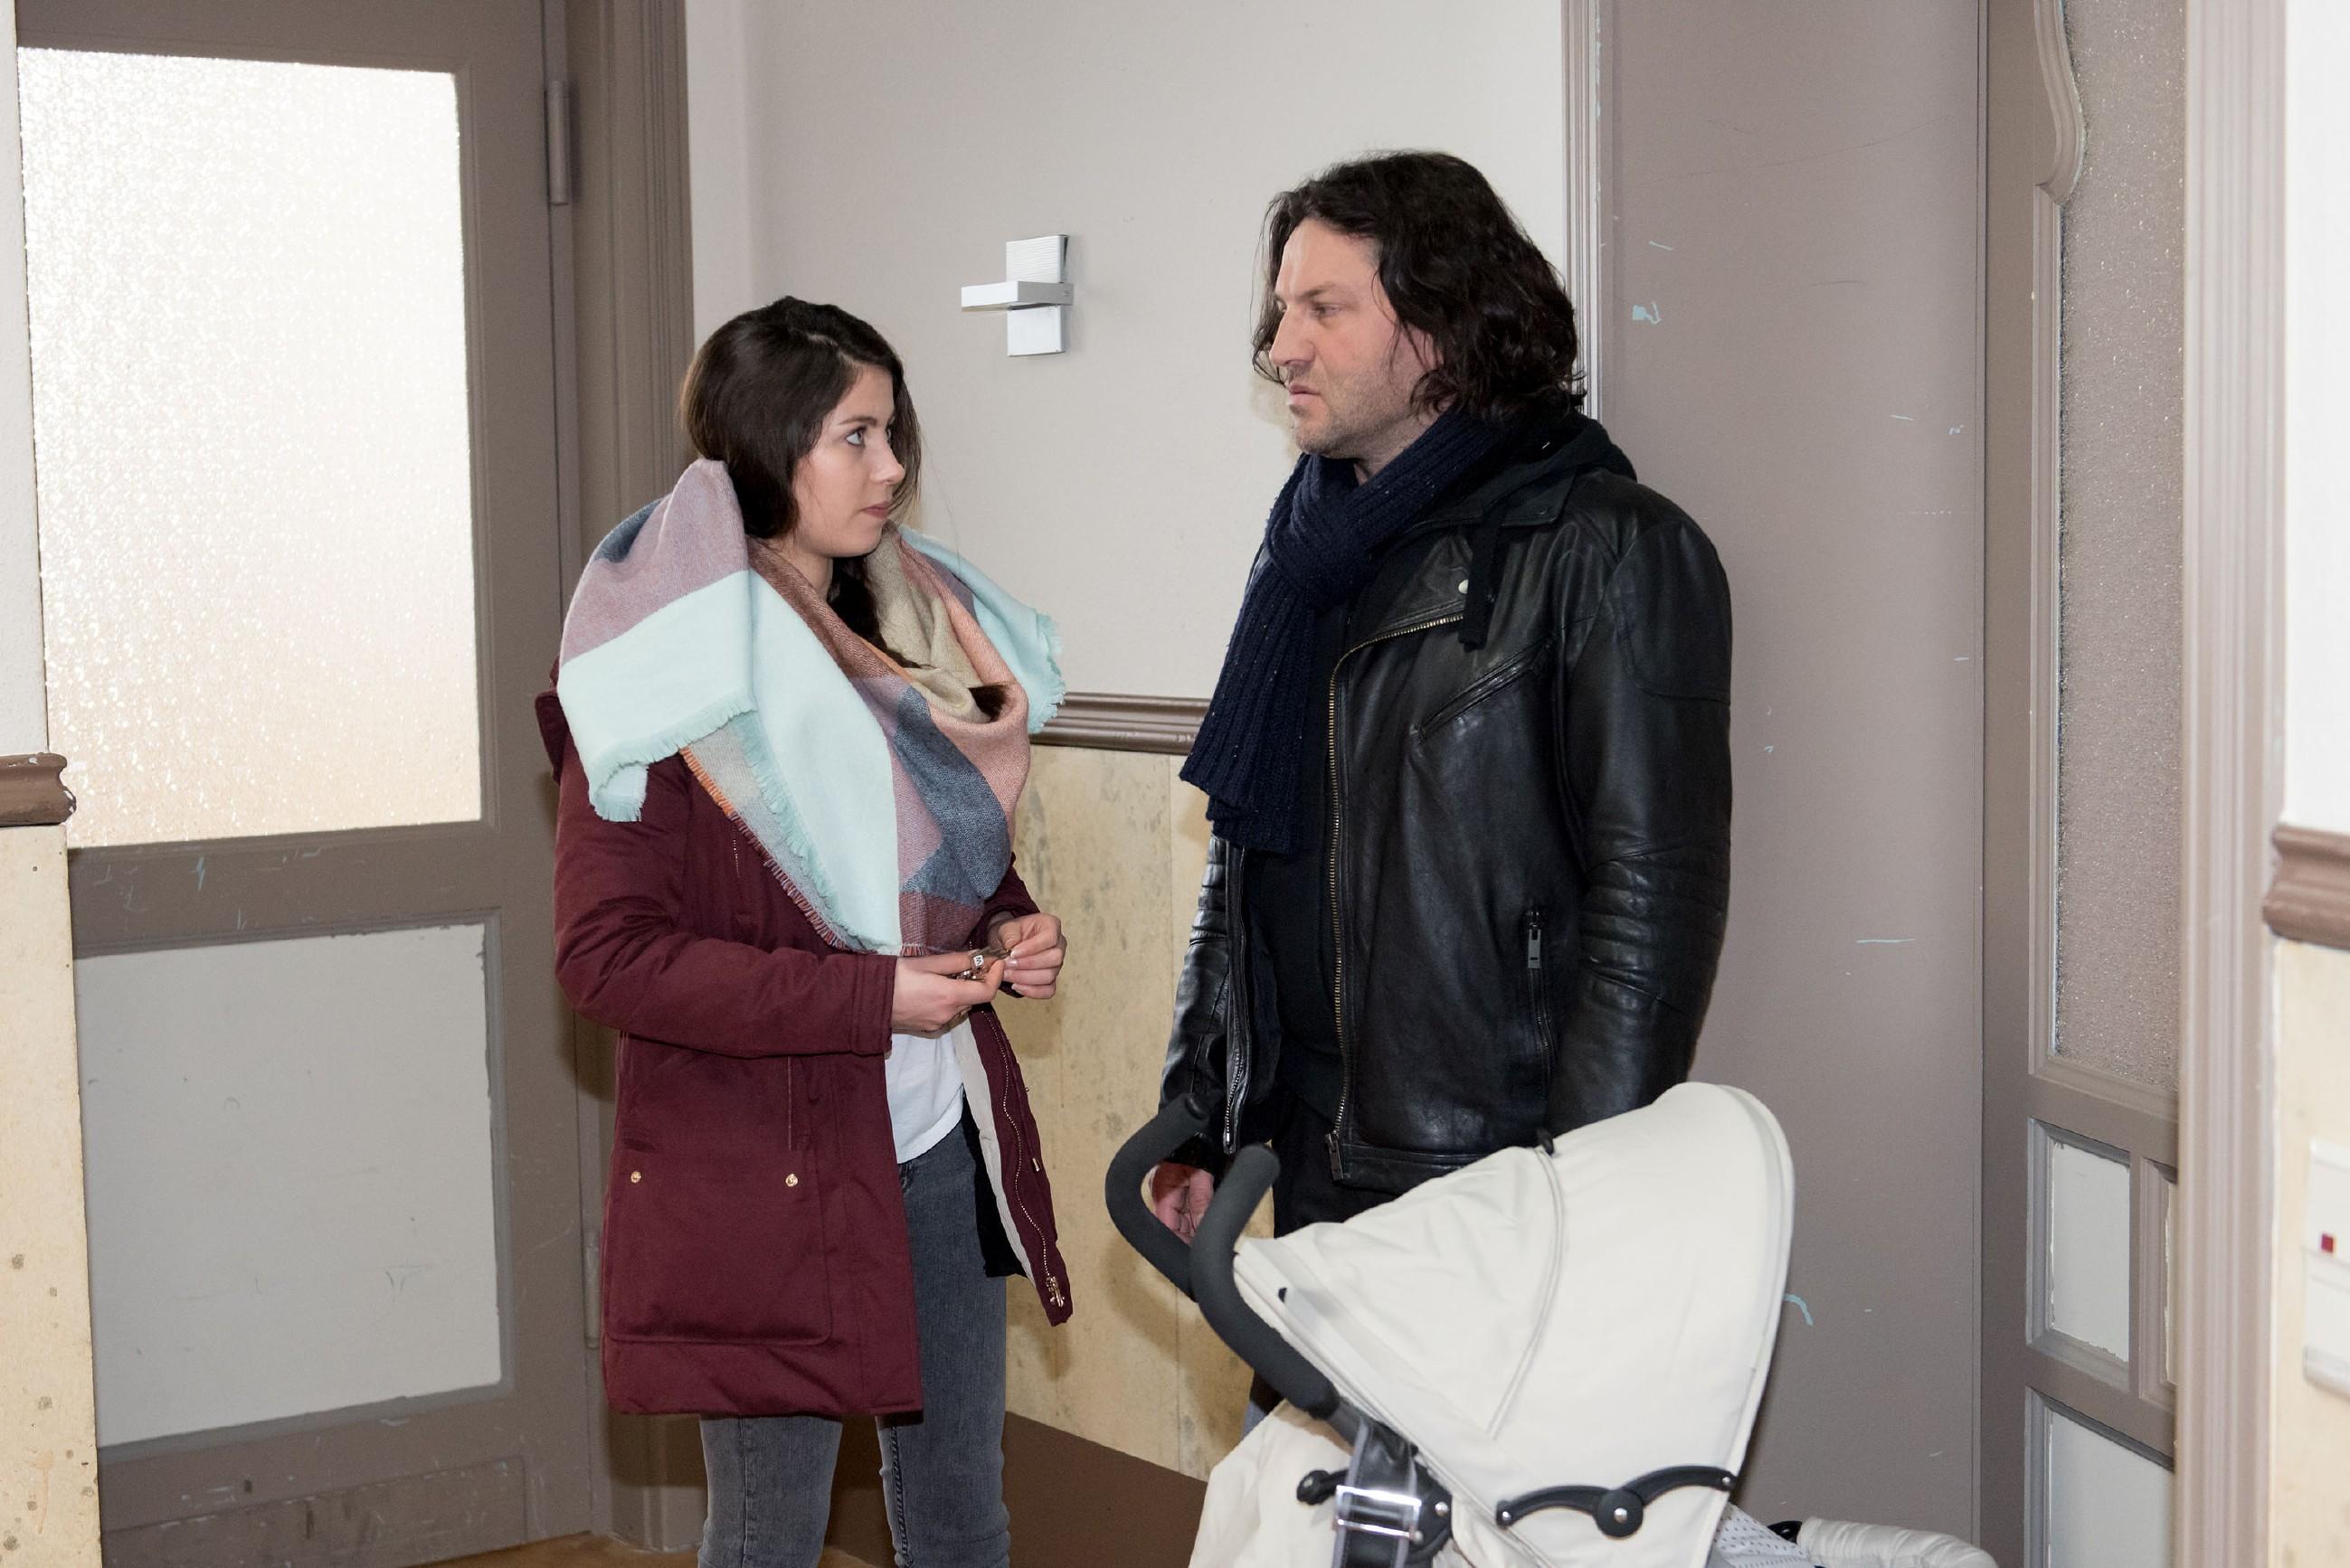 Um Sina (Valea Katharina Scalabrino) nicht noch mehr zu belasten, verschweigt Rolf (Stefan Franz) ihr seinen wahren Gesundheitszustand. (Quelle: RTL / Stefan Behrens)